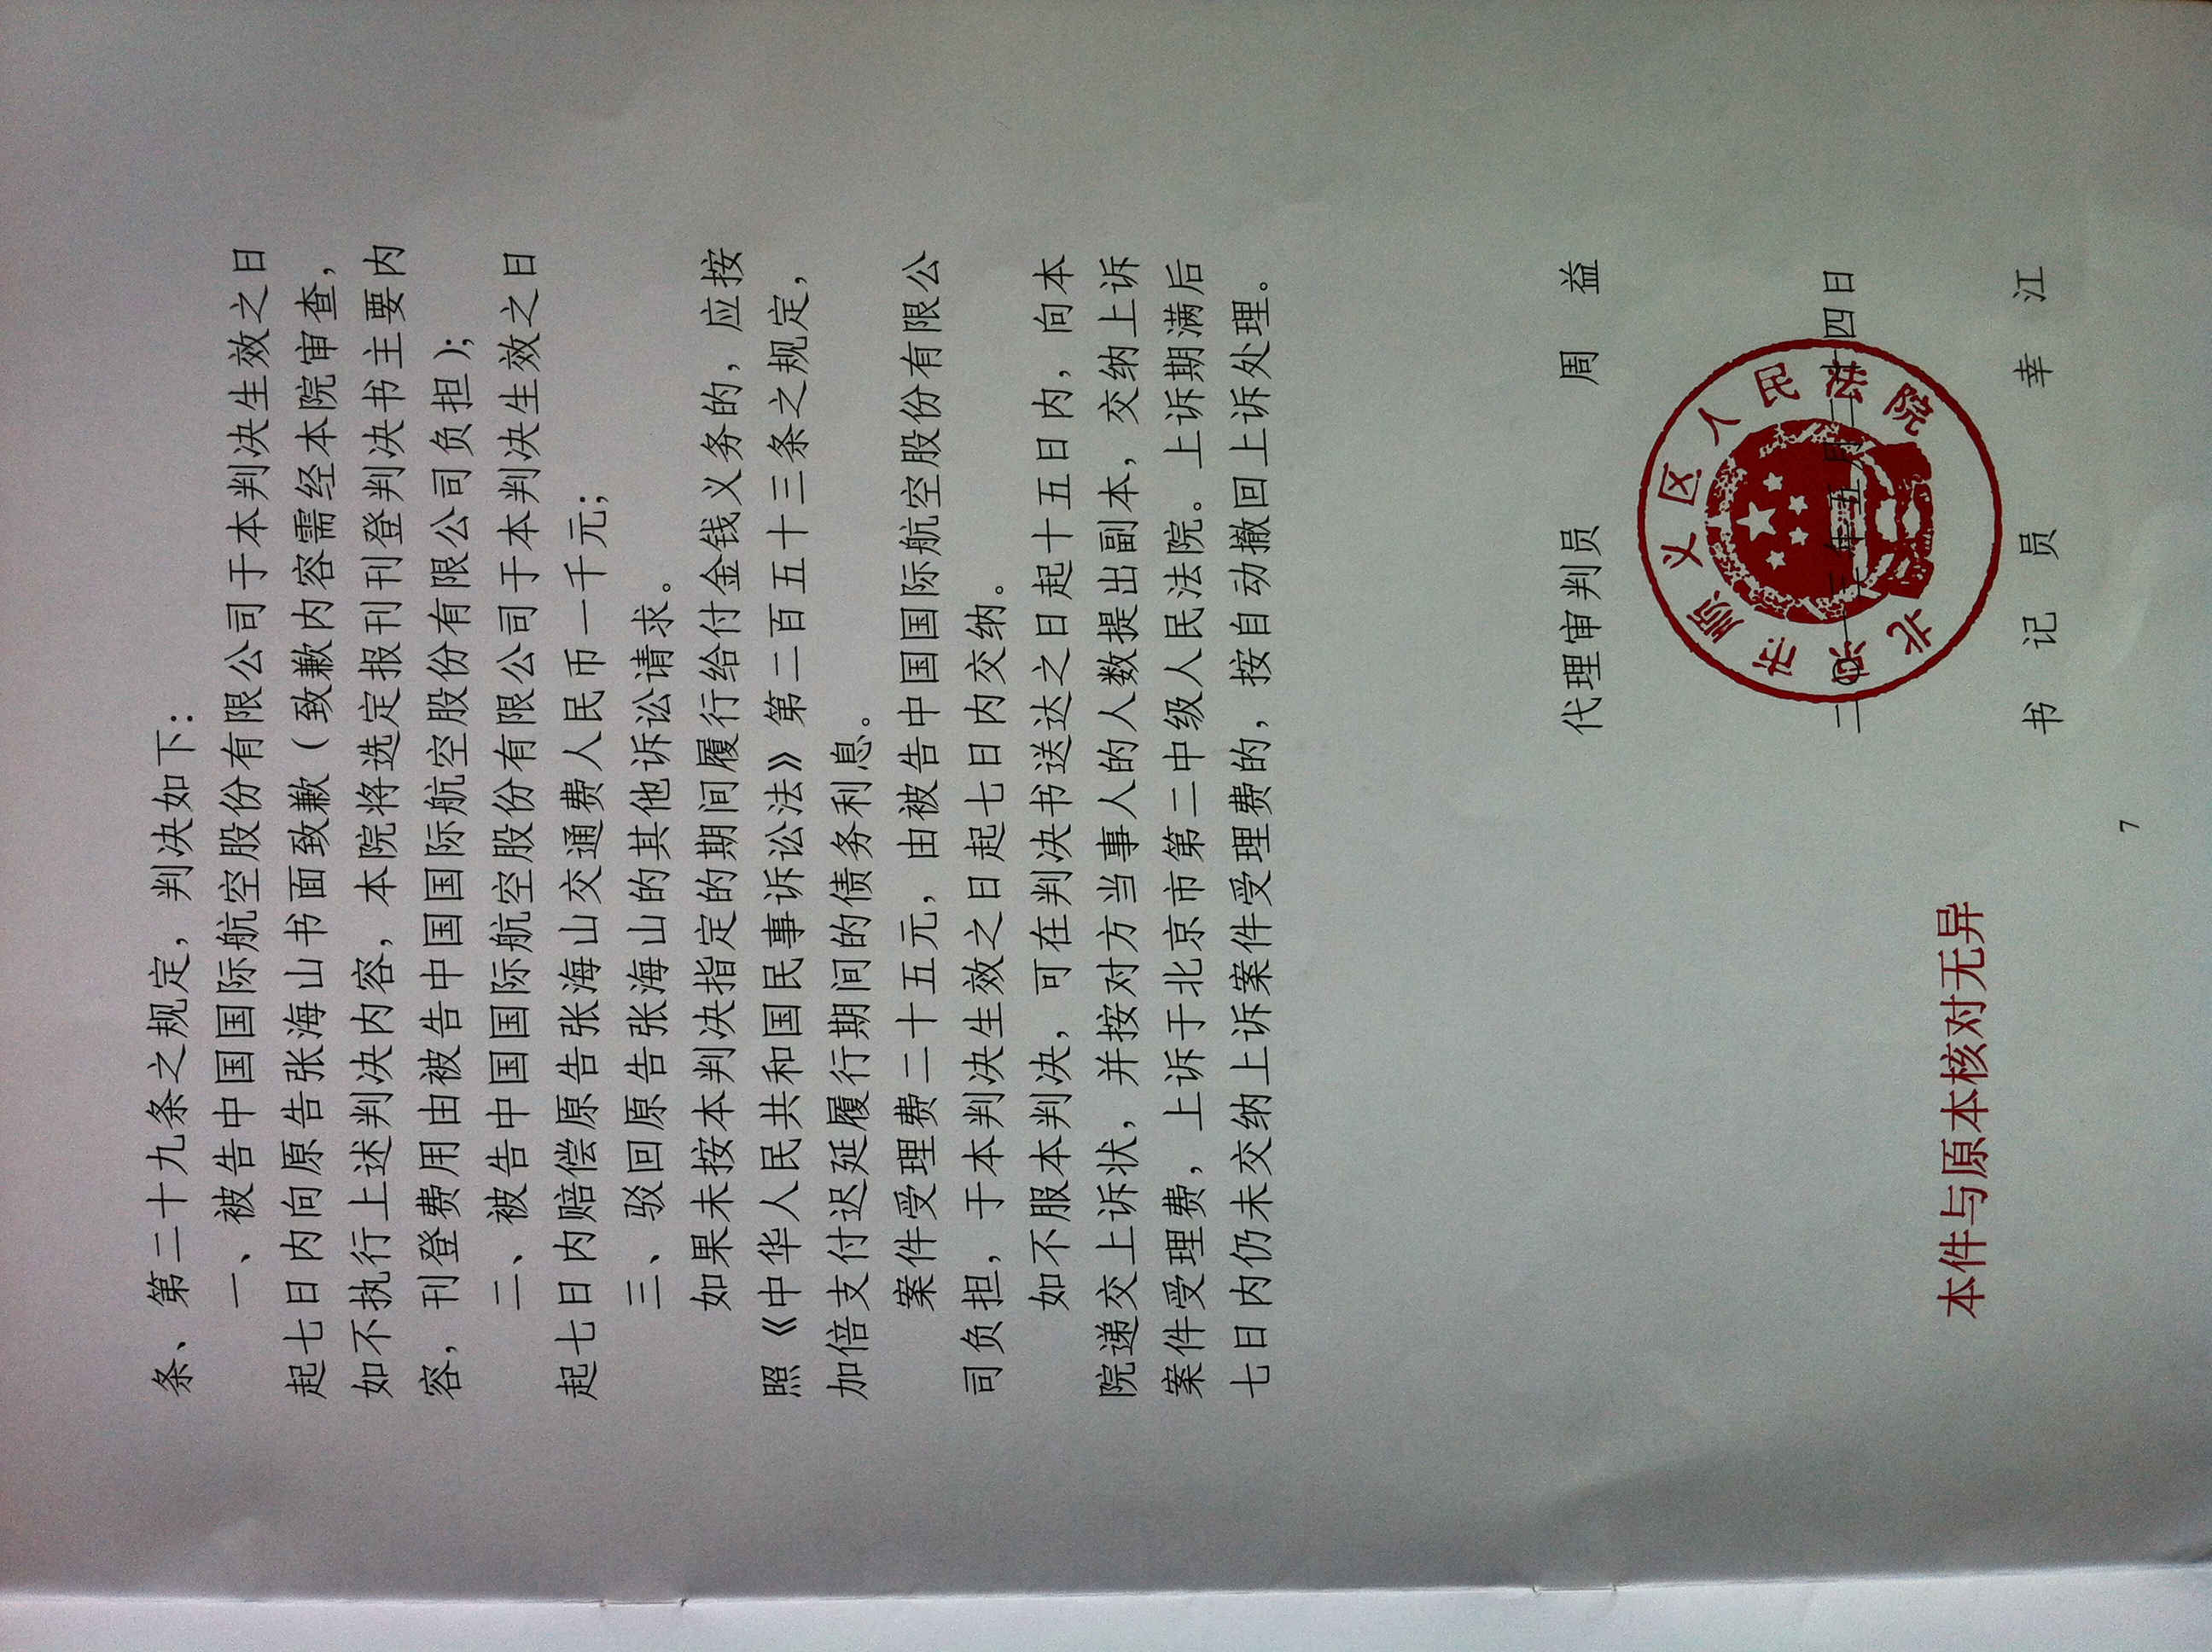 中国国际航空股份有限公司是老赖--被强制执行申请 北京顺义区人民法院立案庭: 你院受理我起诉中国国际航空股份有限公司侵权责任纠纷一案,已经过一审和二审判决生效。 二0一三年五月二十四日北京顺义区人民法院(2013)顺民初字第03622号判决如下: 一、被告中国国际航空股份有限公司于本判决生效之日起七日内向原告张海山书面致歉(致歉内容需经本院审查,如不执行上述判决内容,本院将选定报刊刊登判决书主要内容,刊登费用由被告中国国际航空股份有限公司负担); 二、被告中国国际航空股份有限公司于本判决生效之日起七日